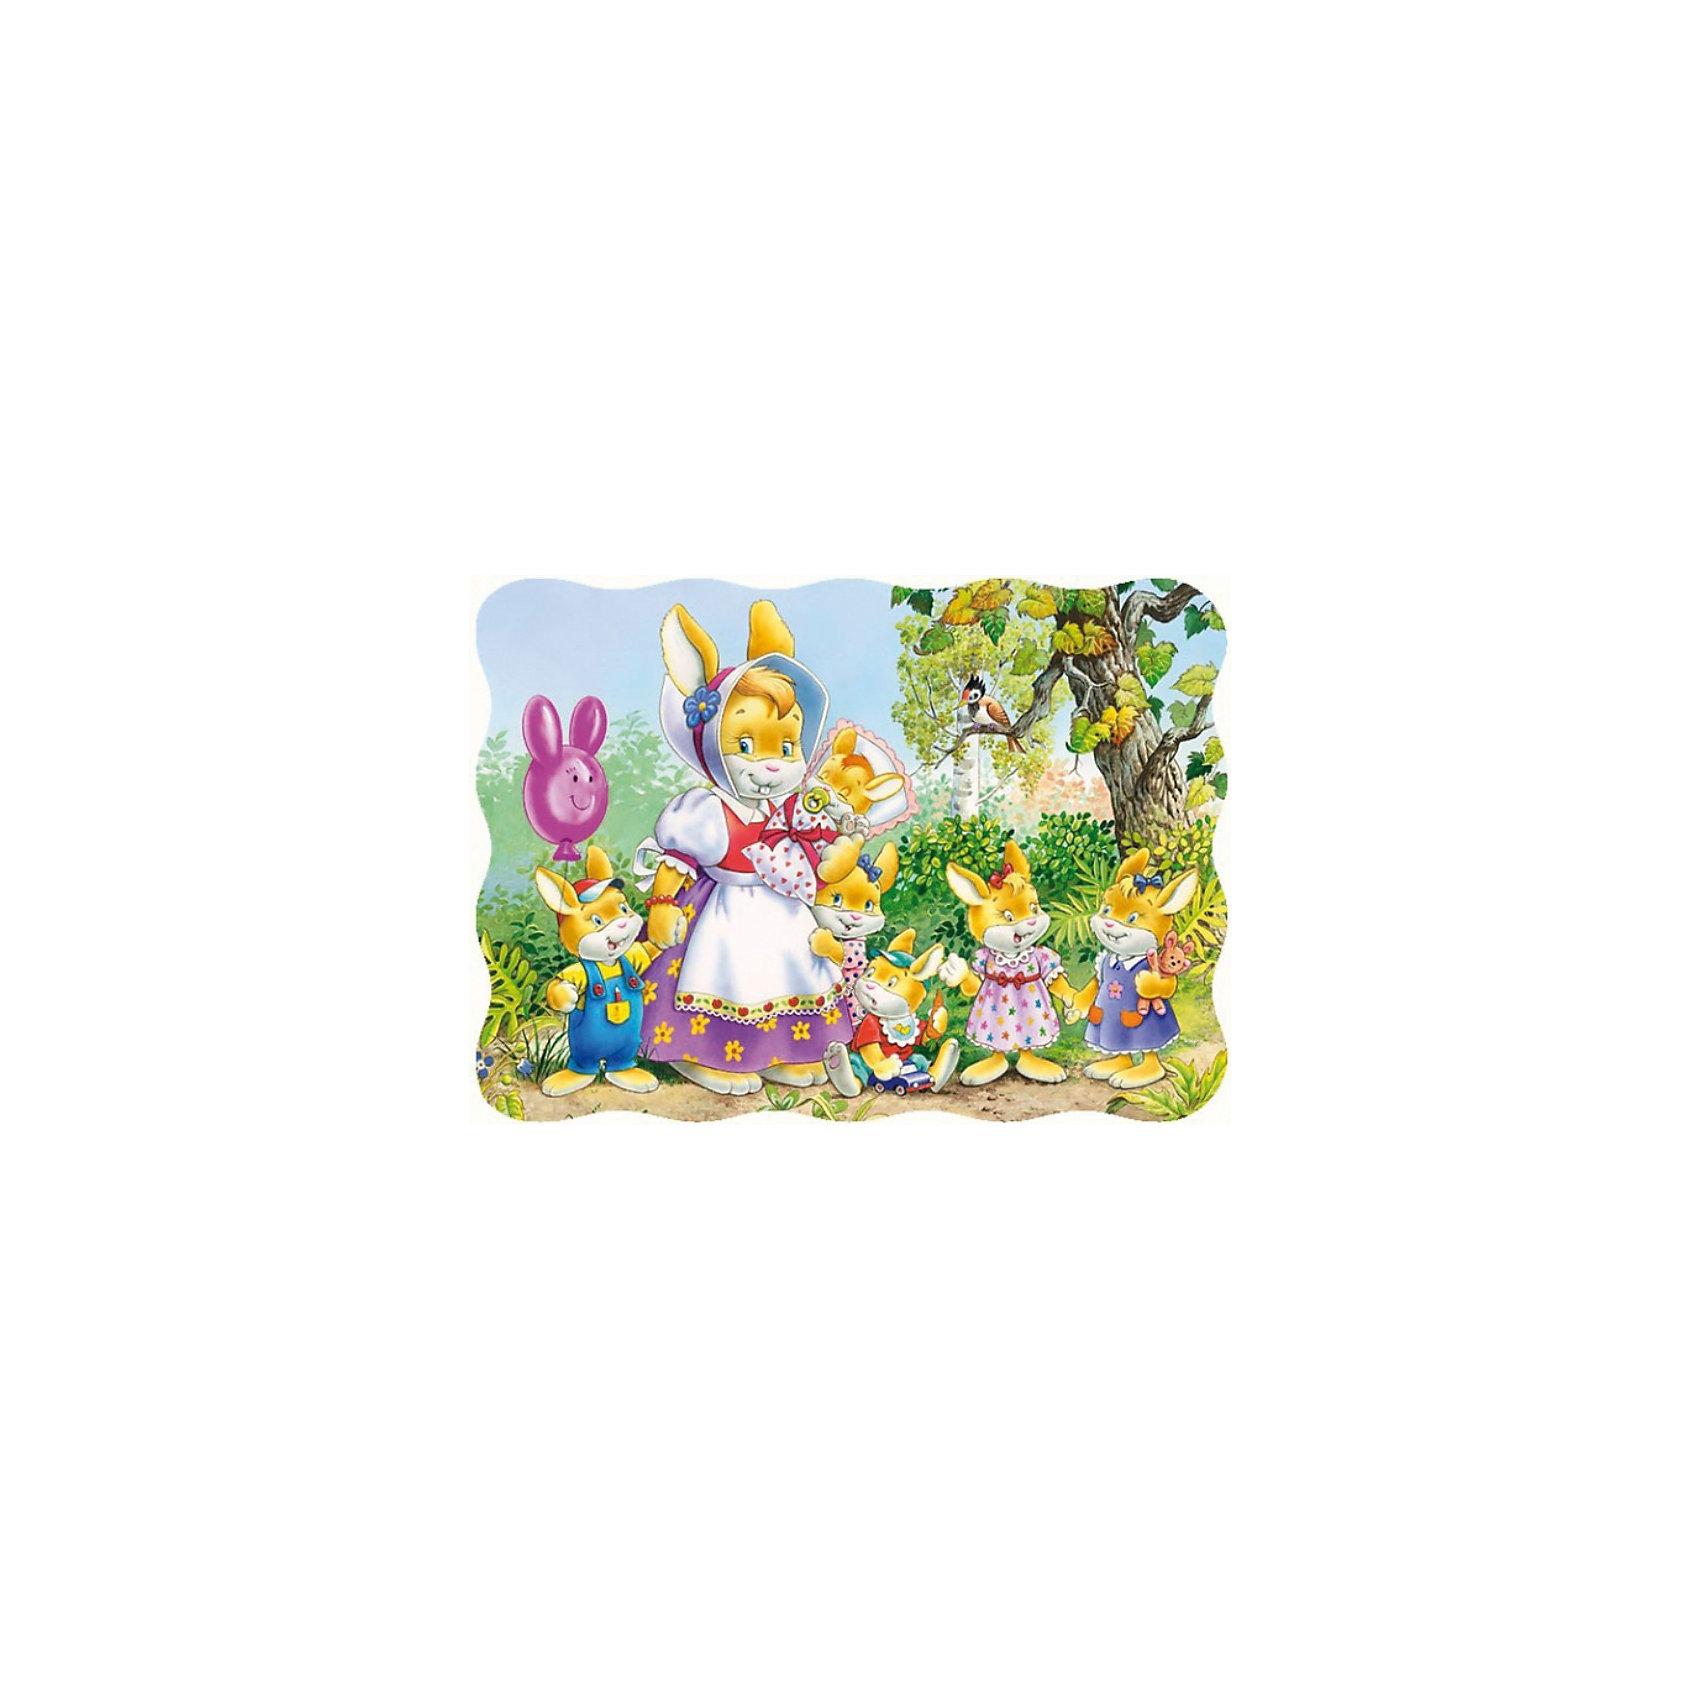 Пазл Семья кроликов, 30 деталей, CastorlandПазлы для малышей<br>Пазлы Семья кроликов, 30 деталей - яркий и красочный пазл-мозаика для малышей.<br><br>Дополнительная информация:<br><br>- Кол-во деталей: 30 шт.<br>- Материал: картон.<br>- Размер собранной картинки: 32 х 23 см.<br>- Размеры упаковки: 27,5 х 19 х 3,7 см.<br><br>Ширина мм: 180<br>Глубина мм: 40<br>Высота мм: 130<br>Вес г: 150<br>Возраст от месяцев: 36<br>Возраст до месяцев: 84<br>Пол: Унисекс<br>Возраст: Детский<br>Количество деталей: 30<br>SKU: 2562349